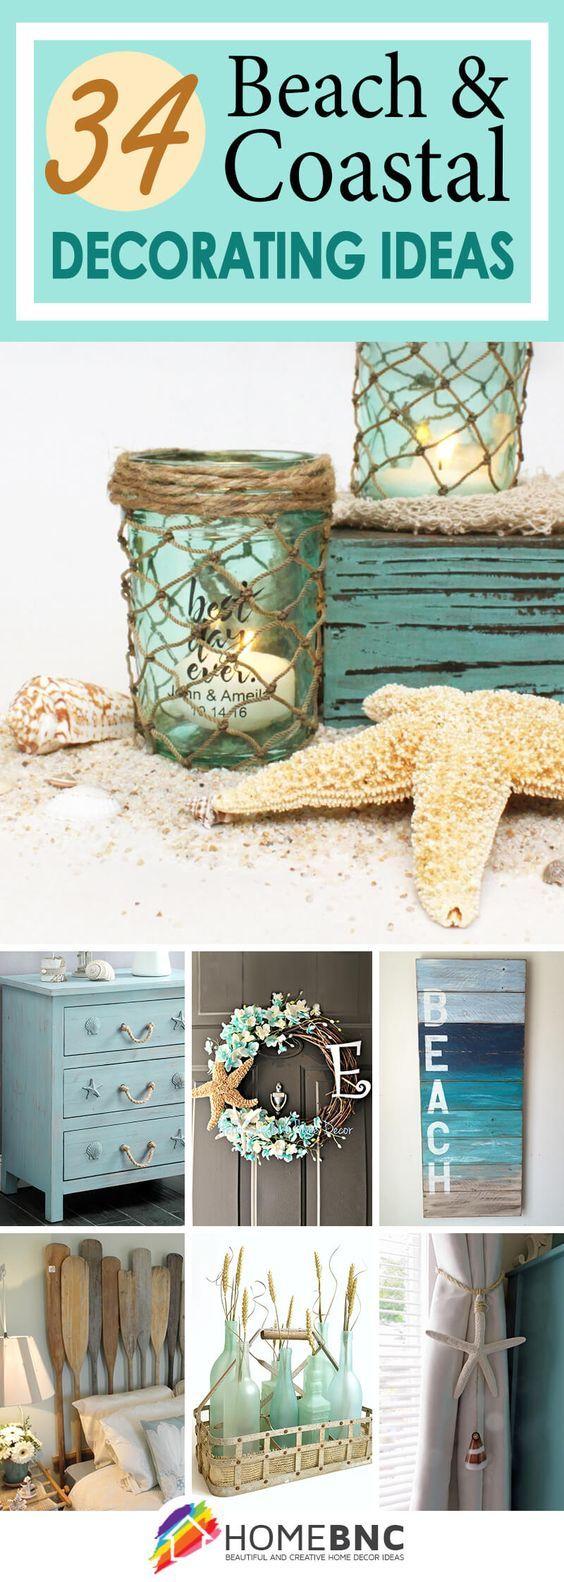 Best 25 Beach Bedrooms Ideas On Pinterest Beach Room Beach Themed Rooms And Beachy House Decor